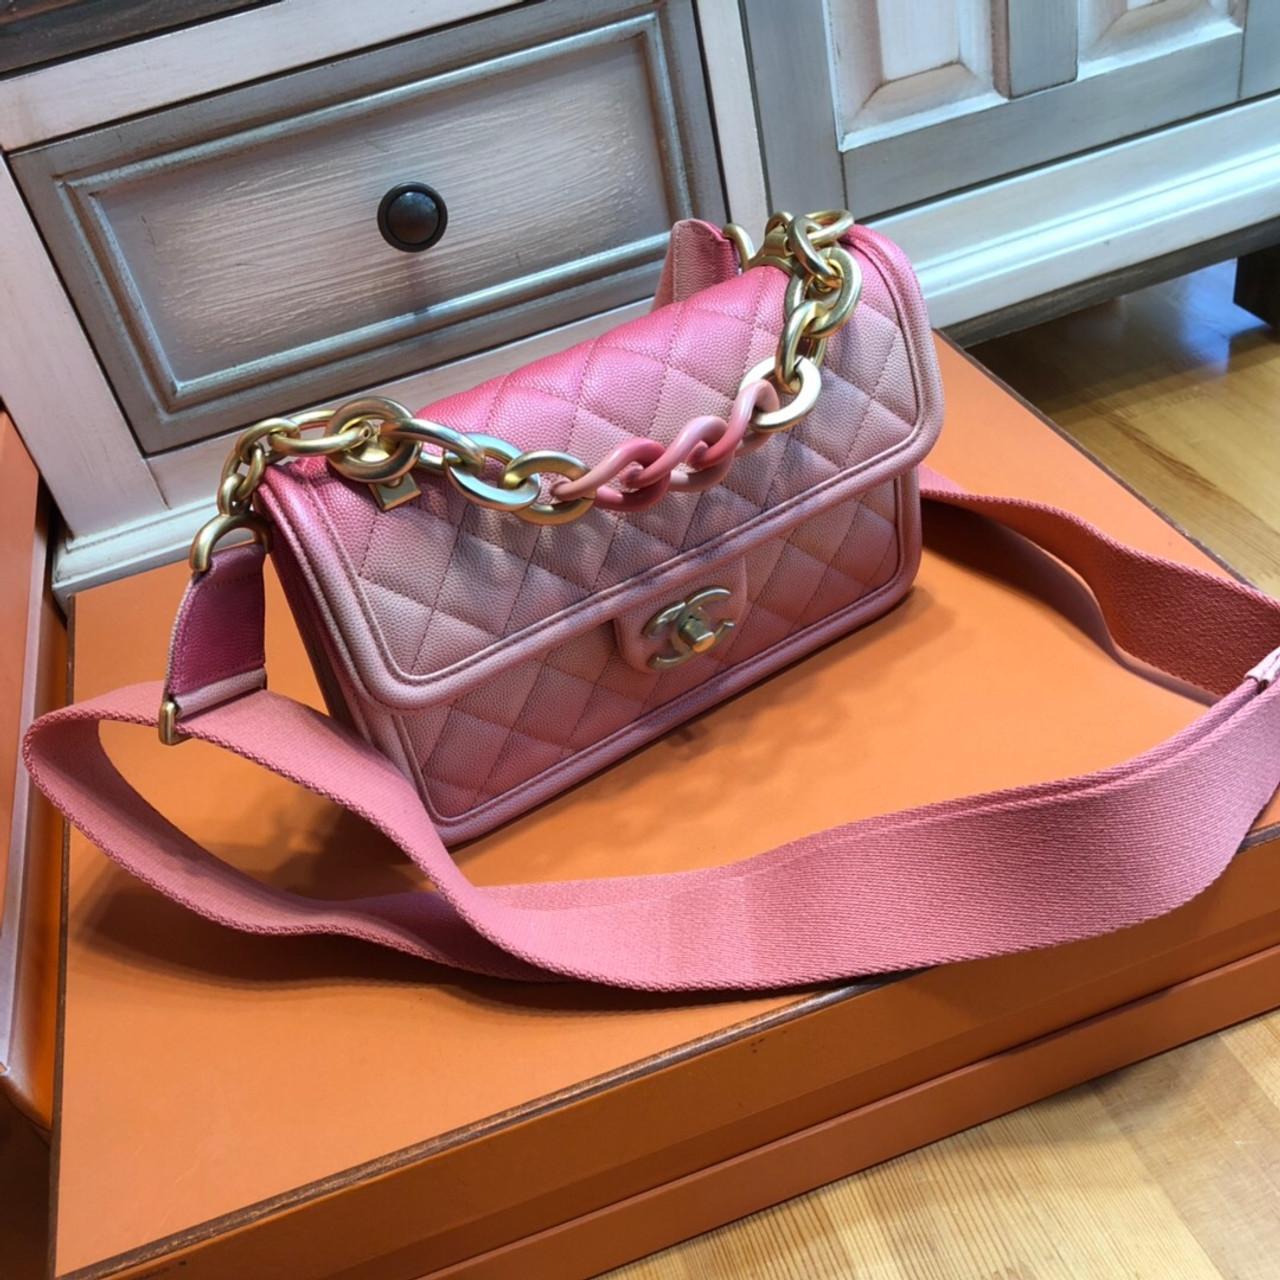 7b7d4dfdd1e6 Chanel Flap Bag Pink AS0061 - Bella Vita Moda